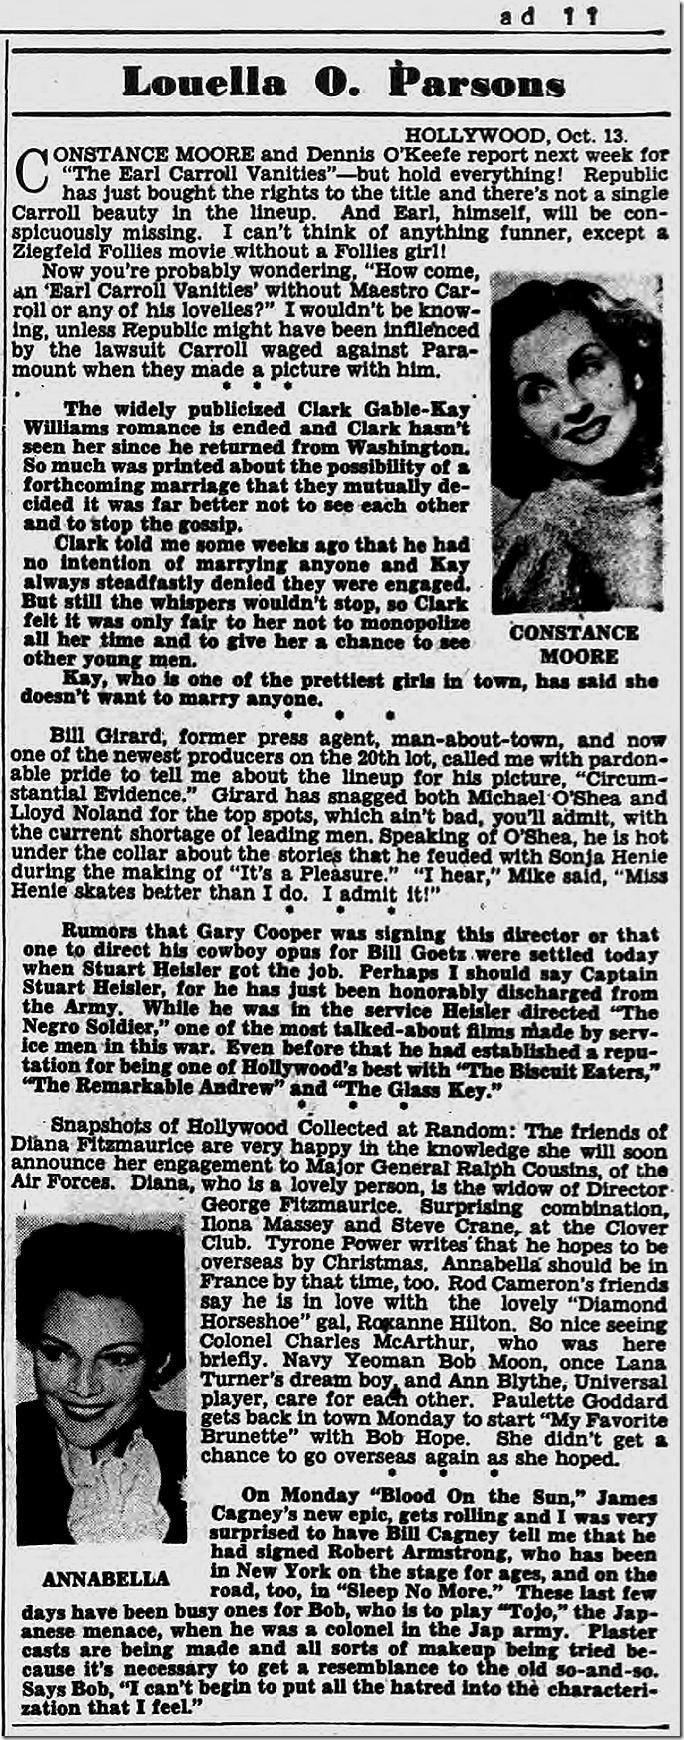 Oct. 14, 1944, Louella Parsons